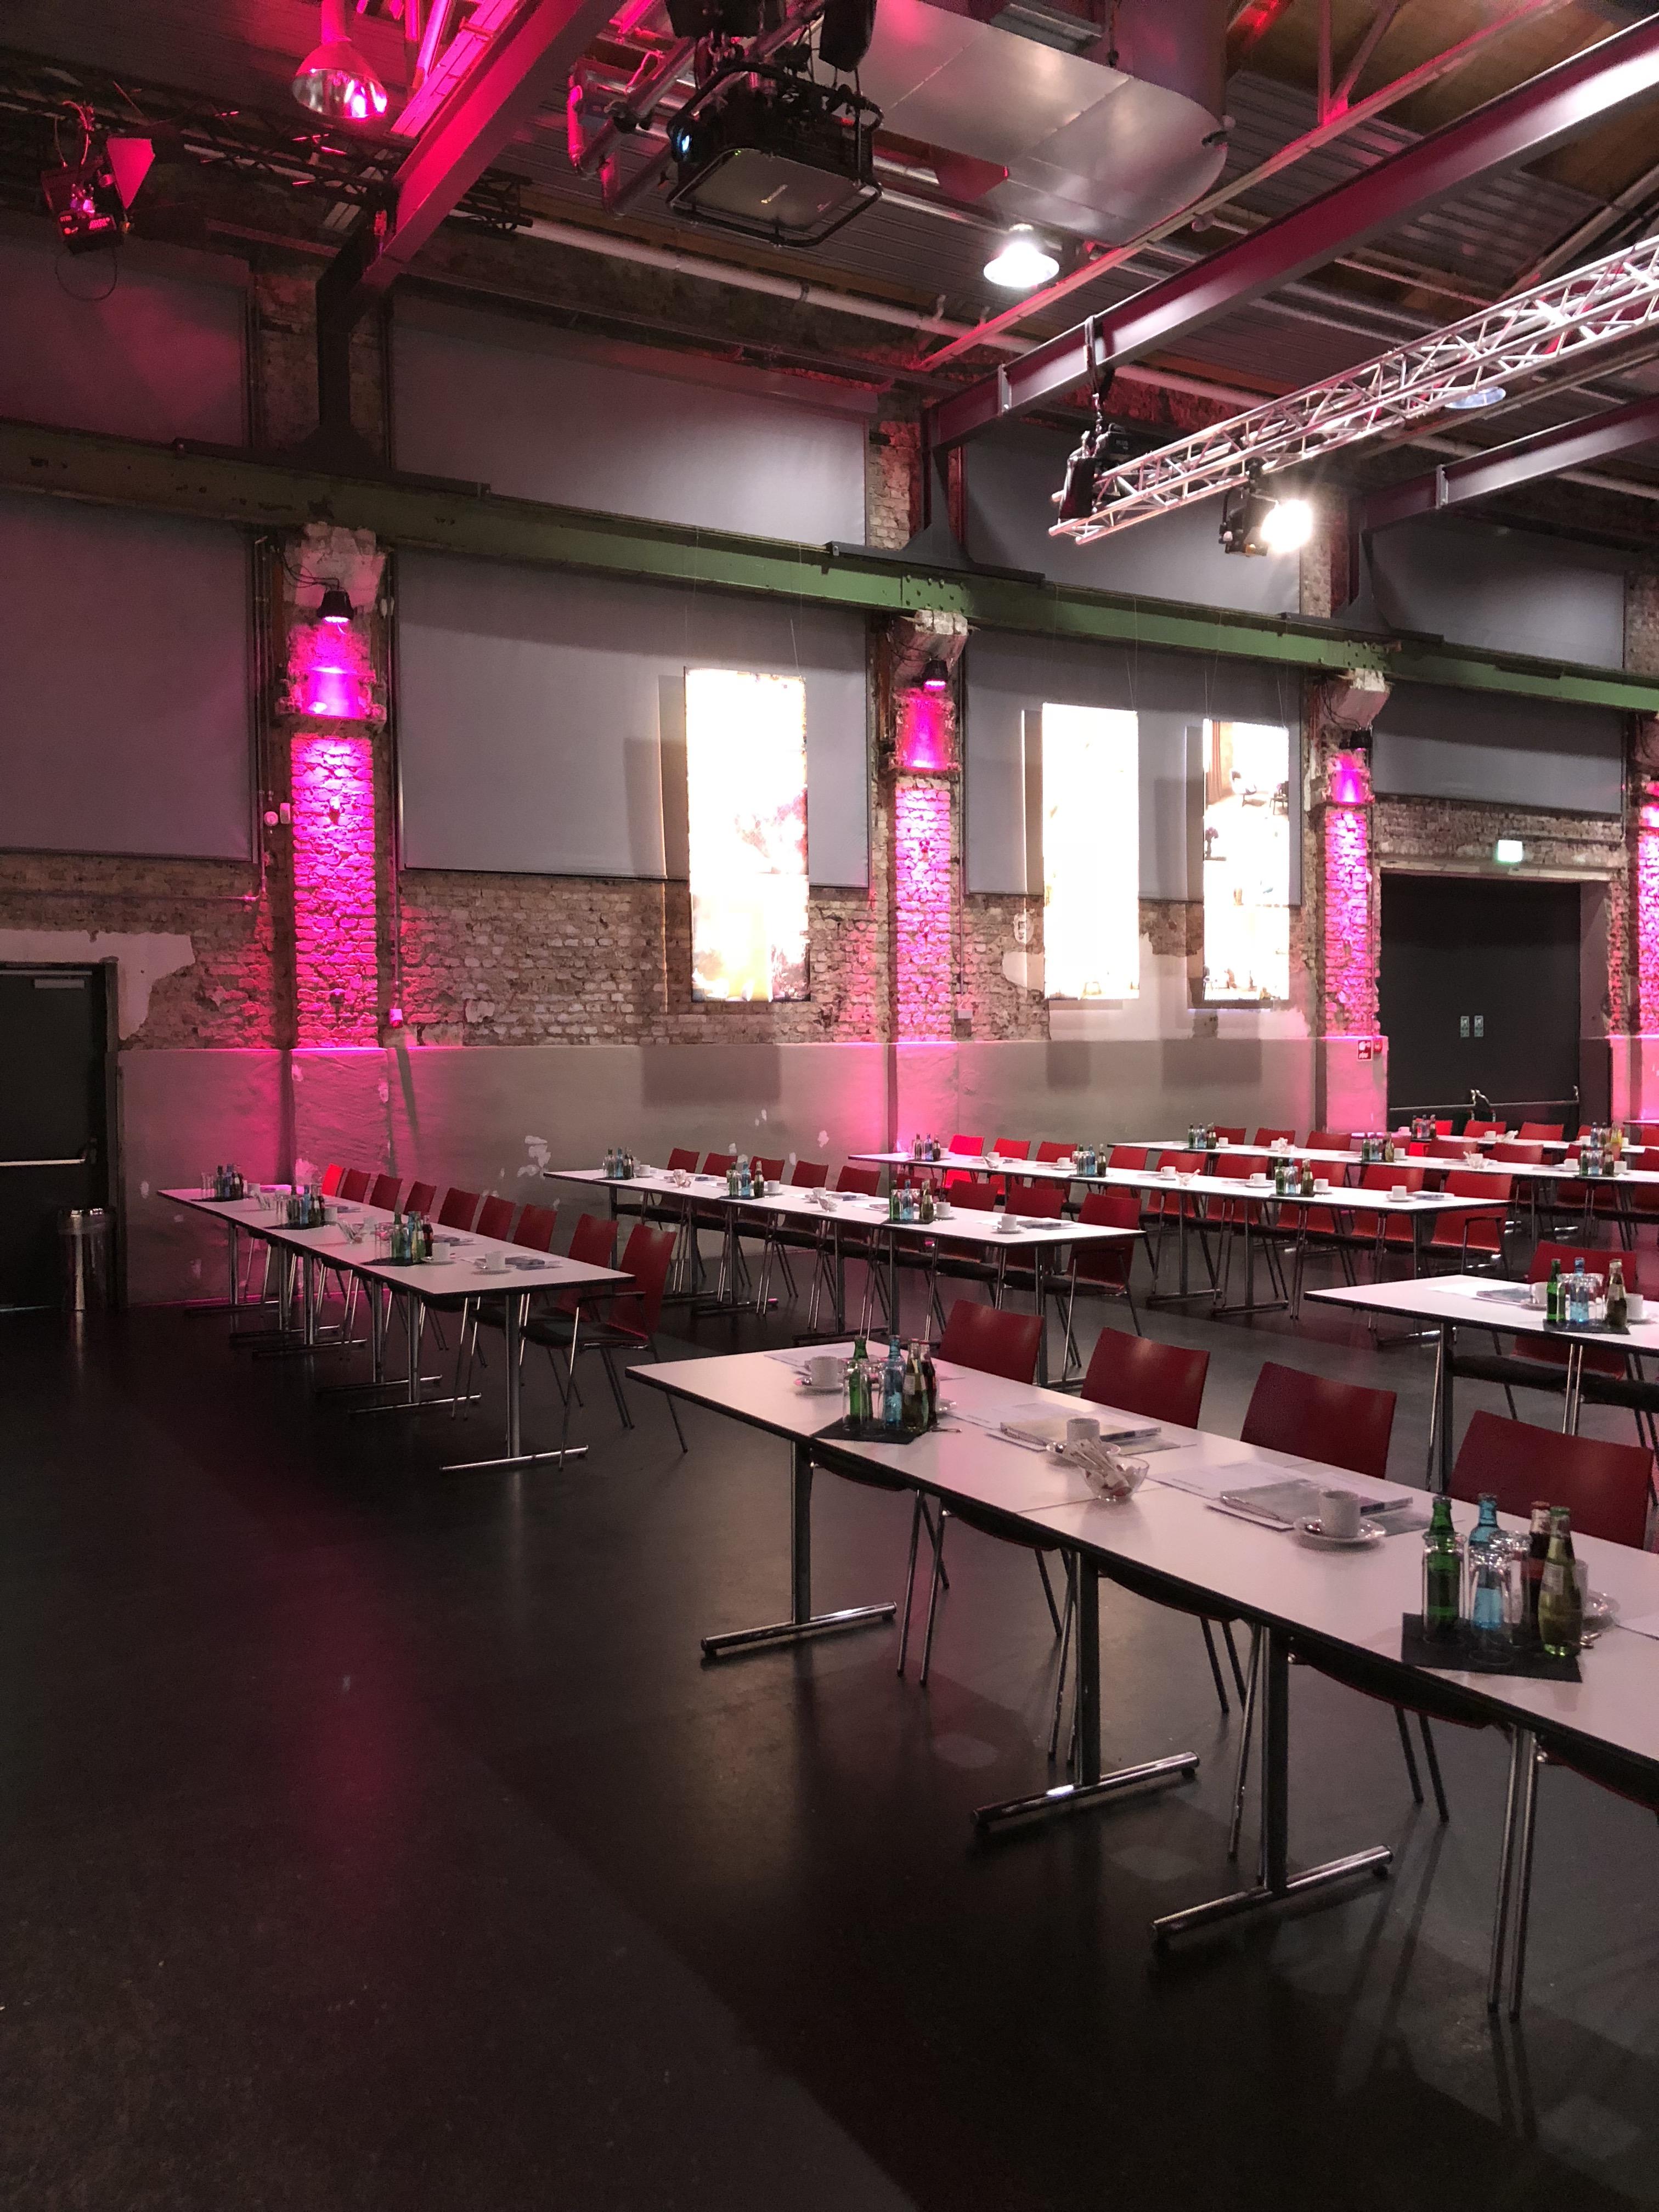 Halle 32 - Hauptversammlung 2018 A.S. Création